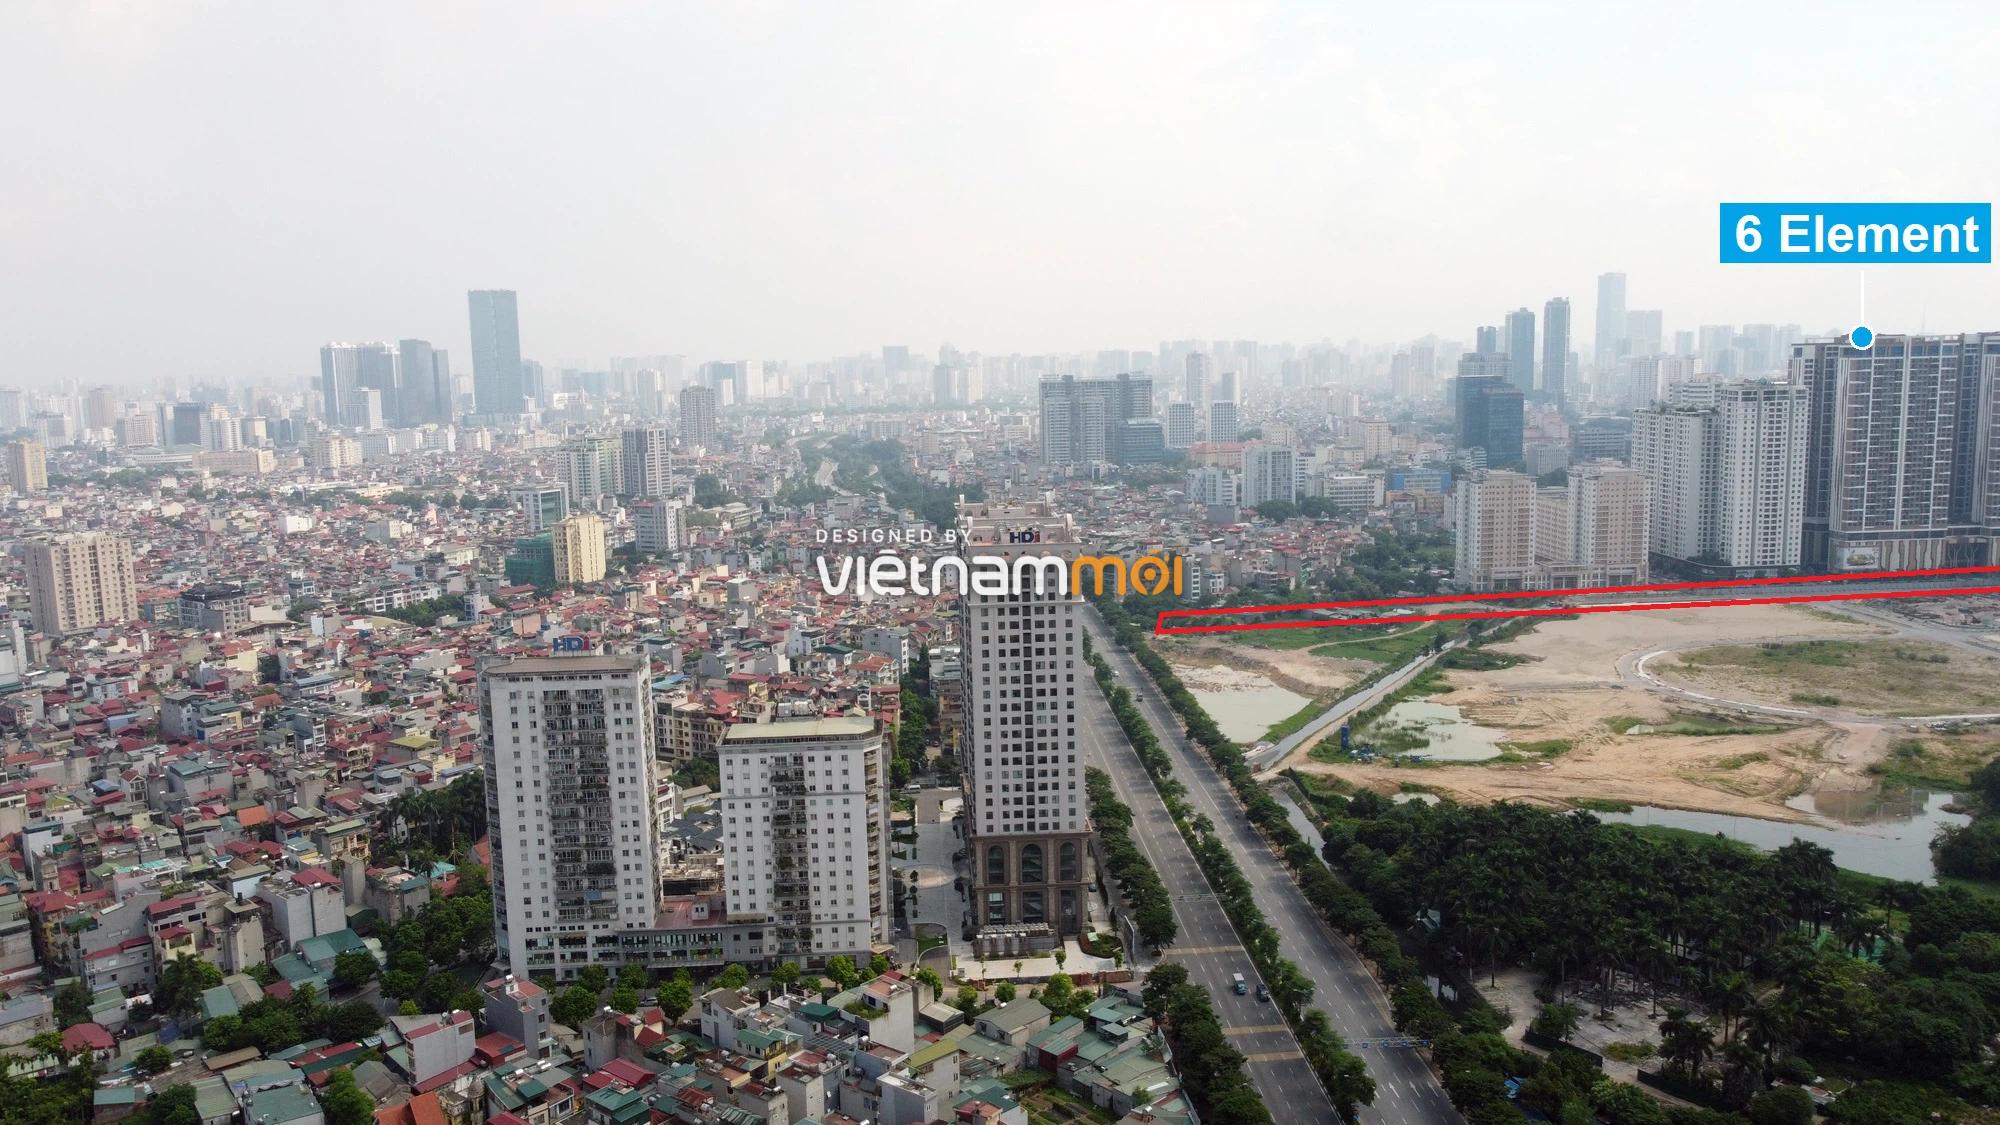 Những khu đất sắp thu hồi để mở đường ở quận Tây Hồ, Hà Nội (phần 3) - Ảnh 16.